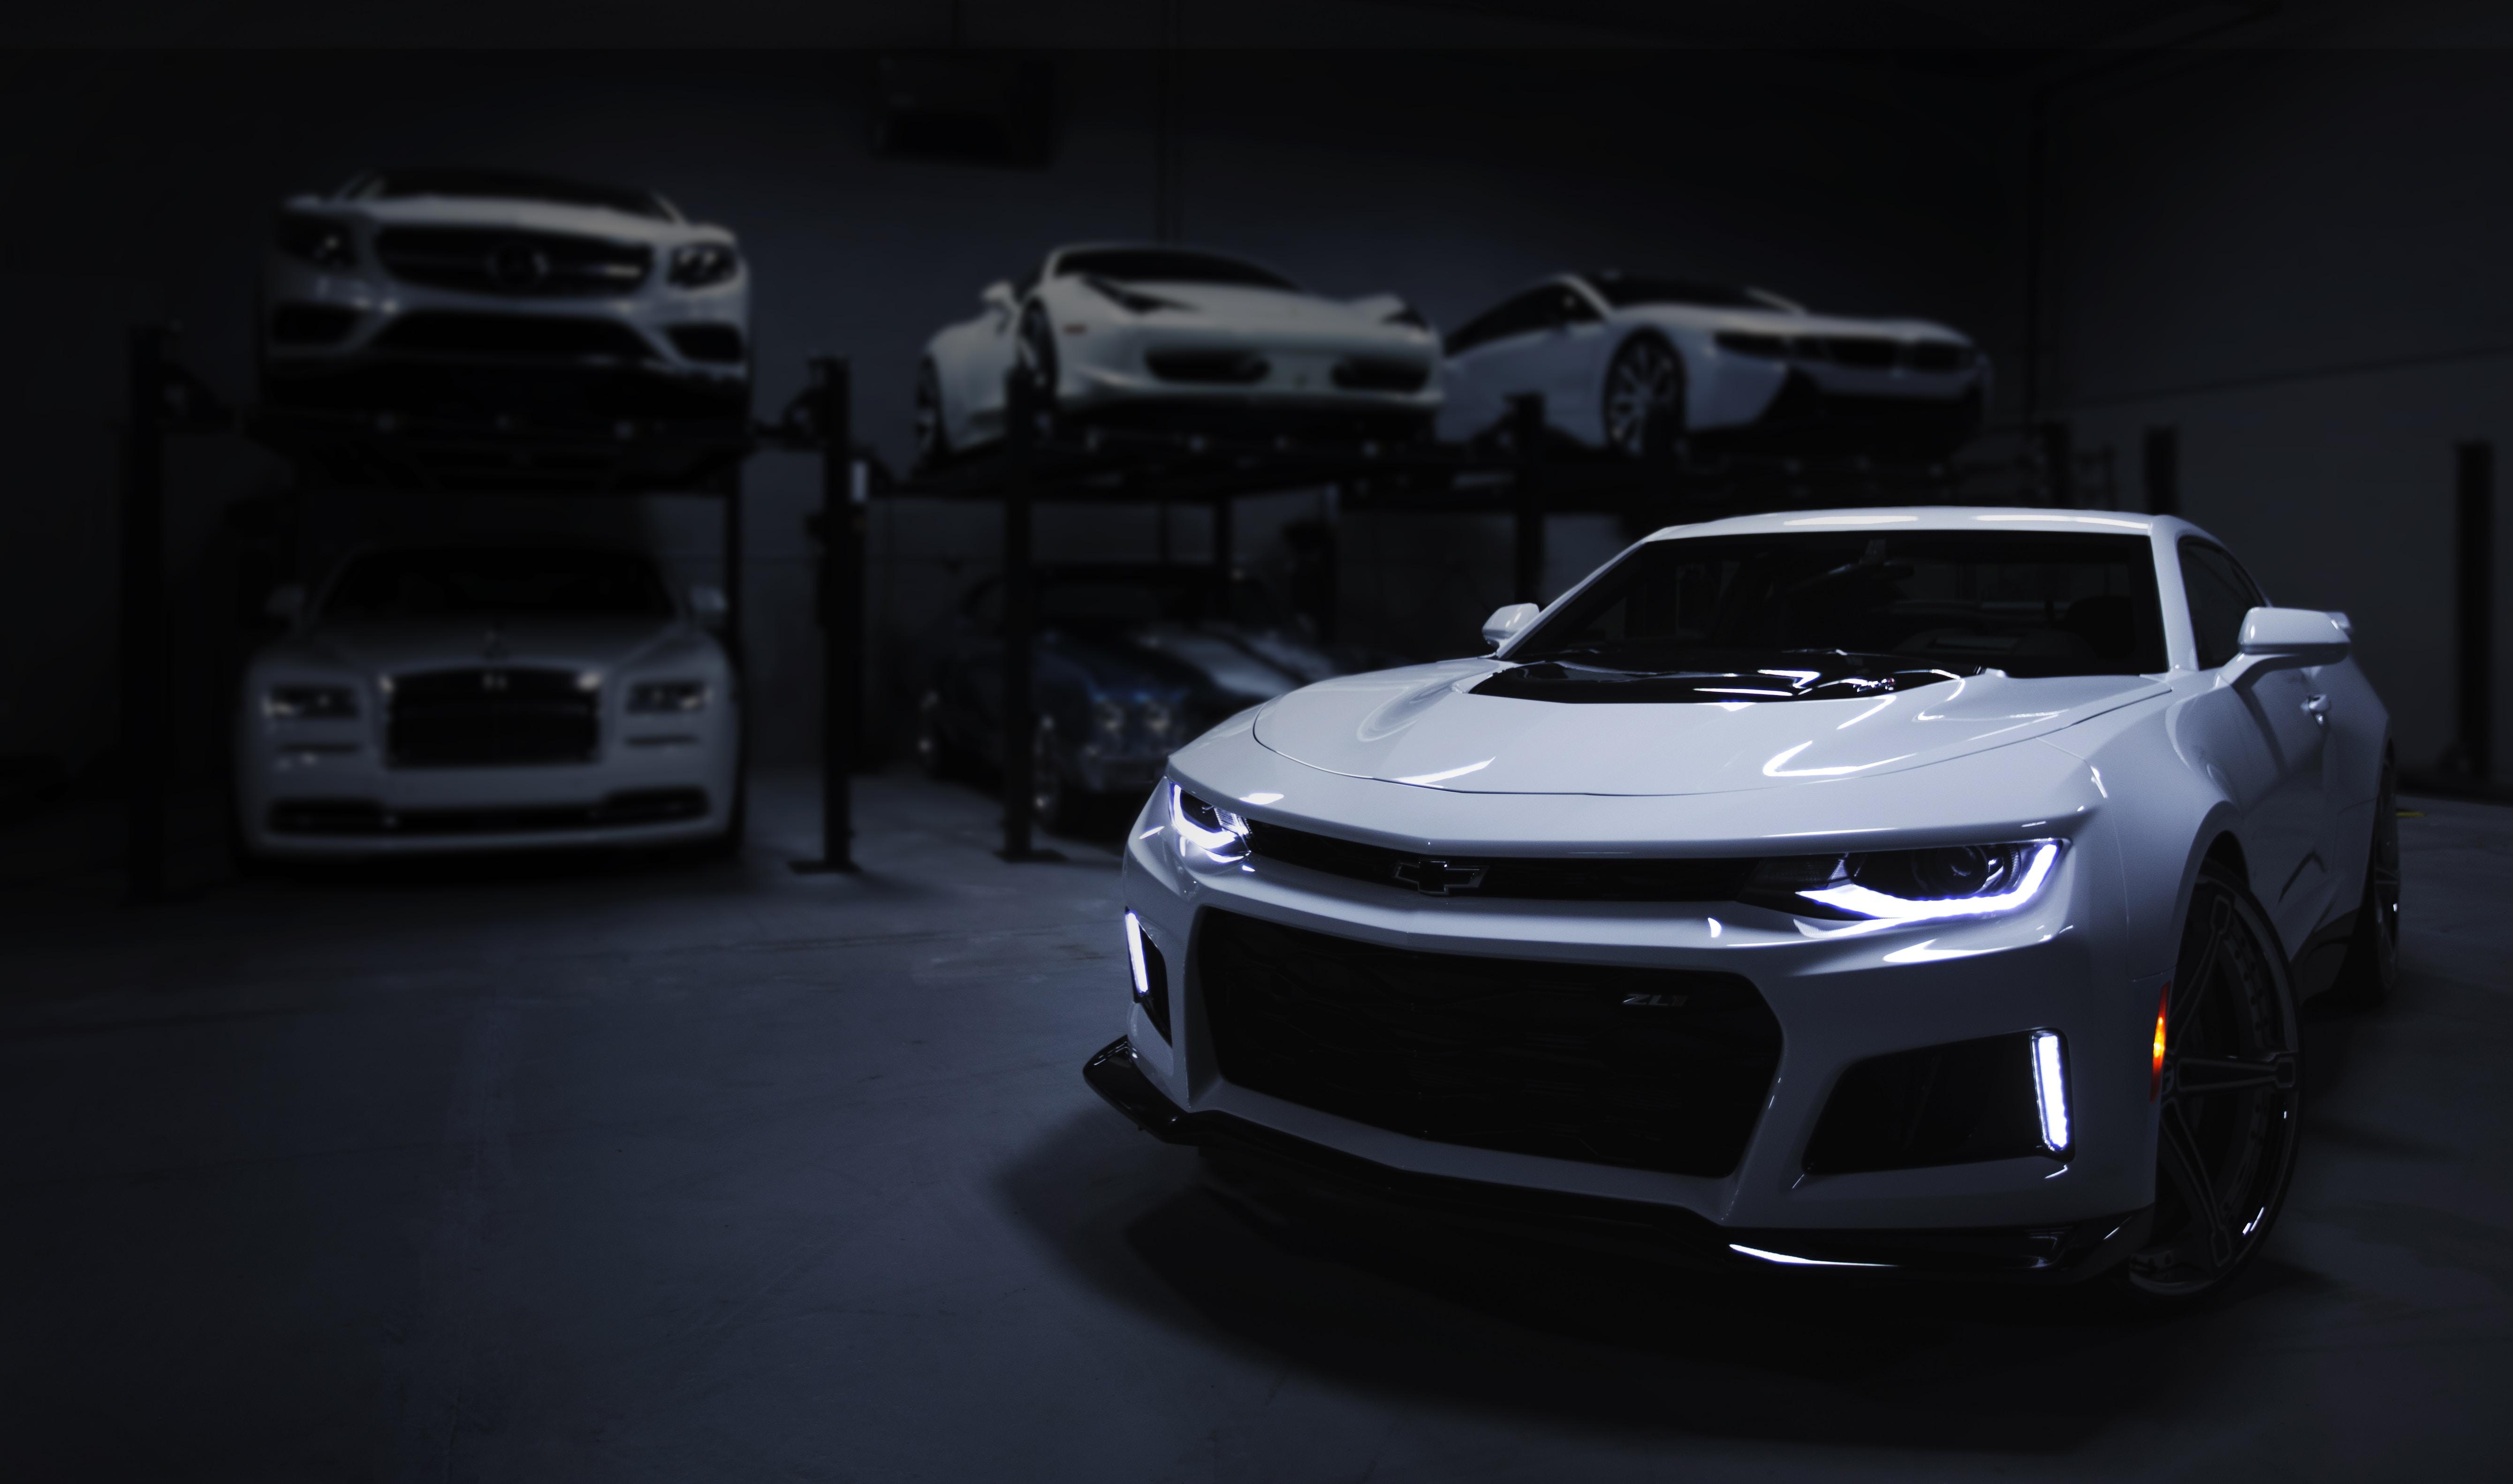 White sports car inside a dark parking garage.